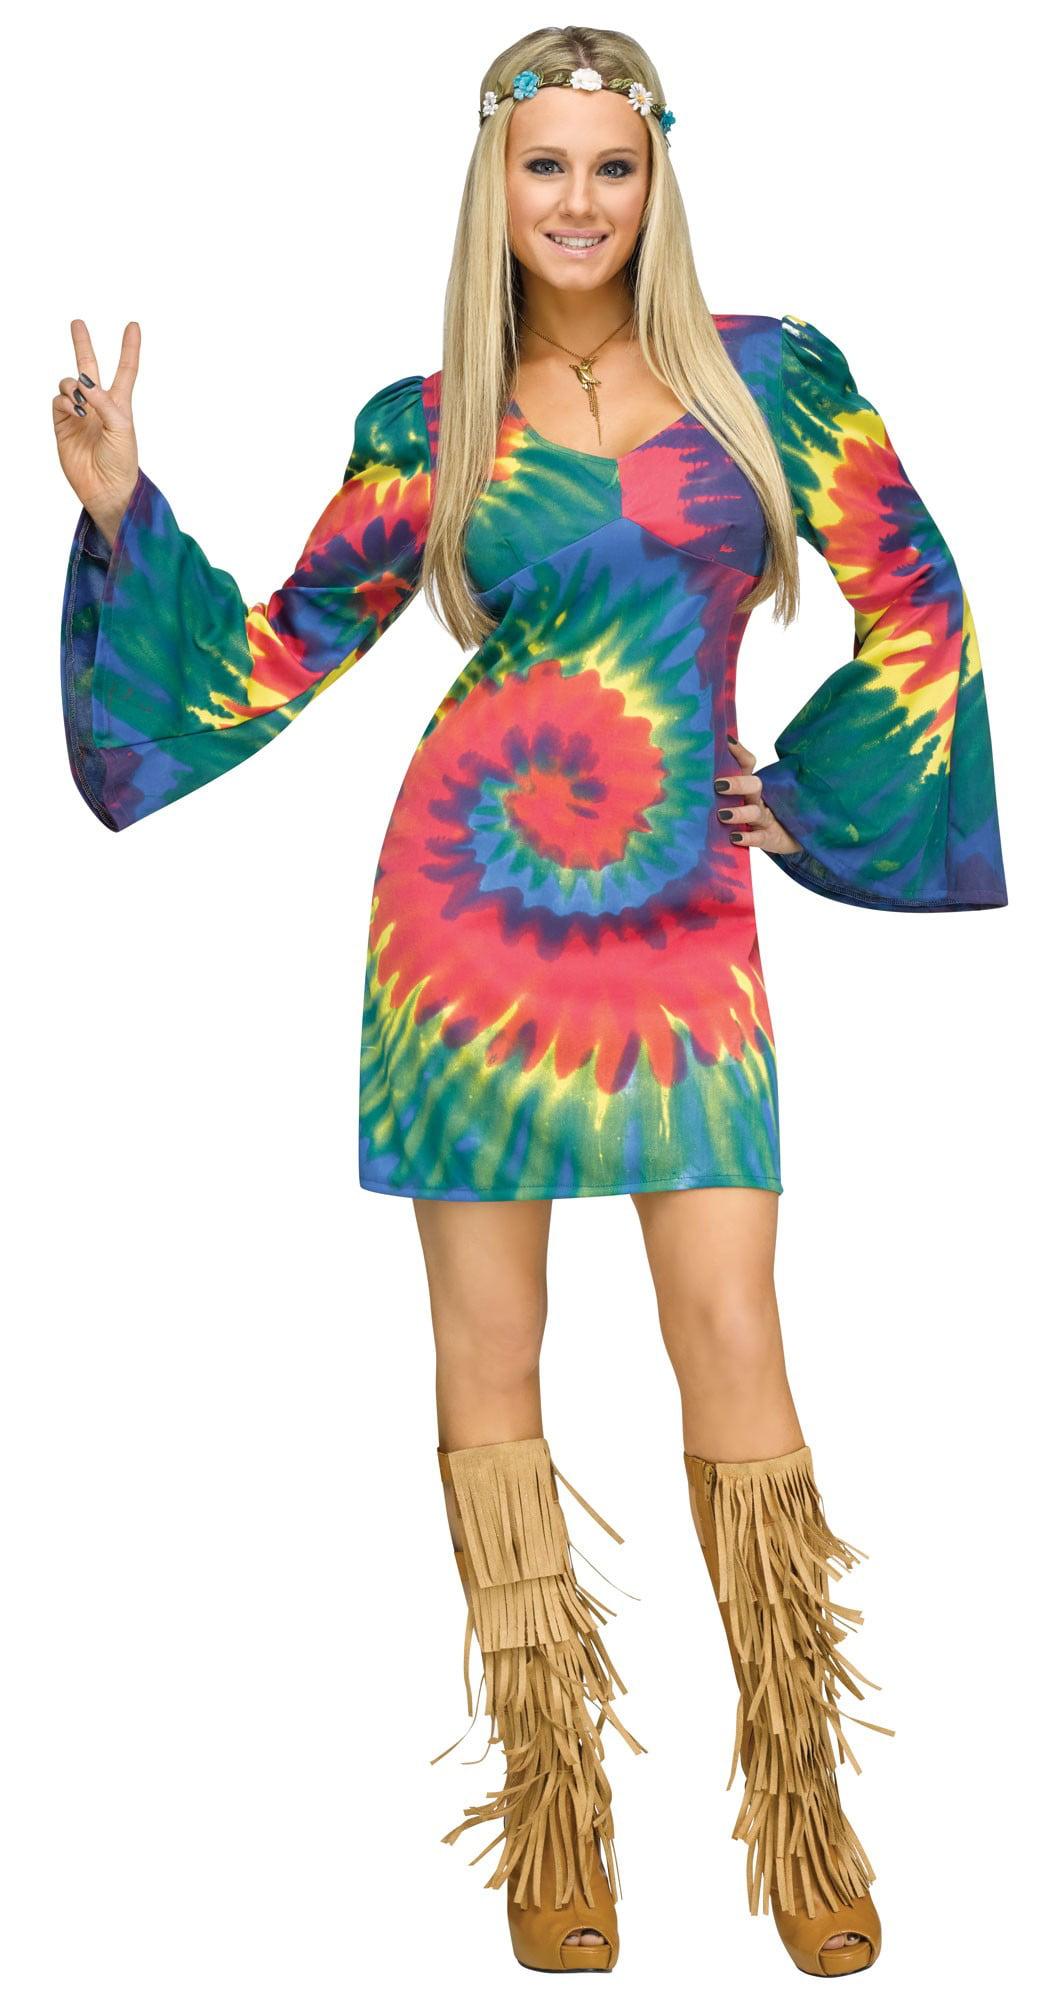 groovy gal tye dye women's costume swirl hippie 60s 70s halloween